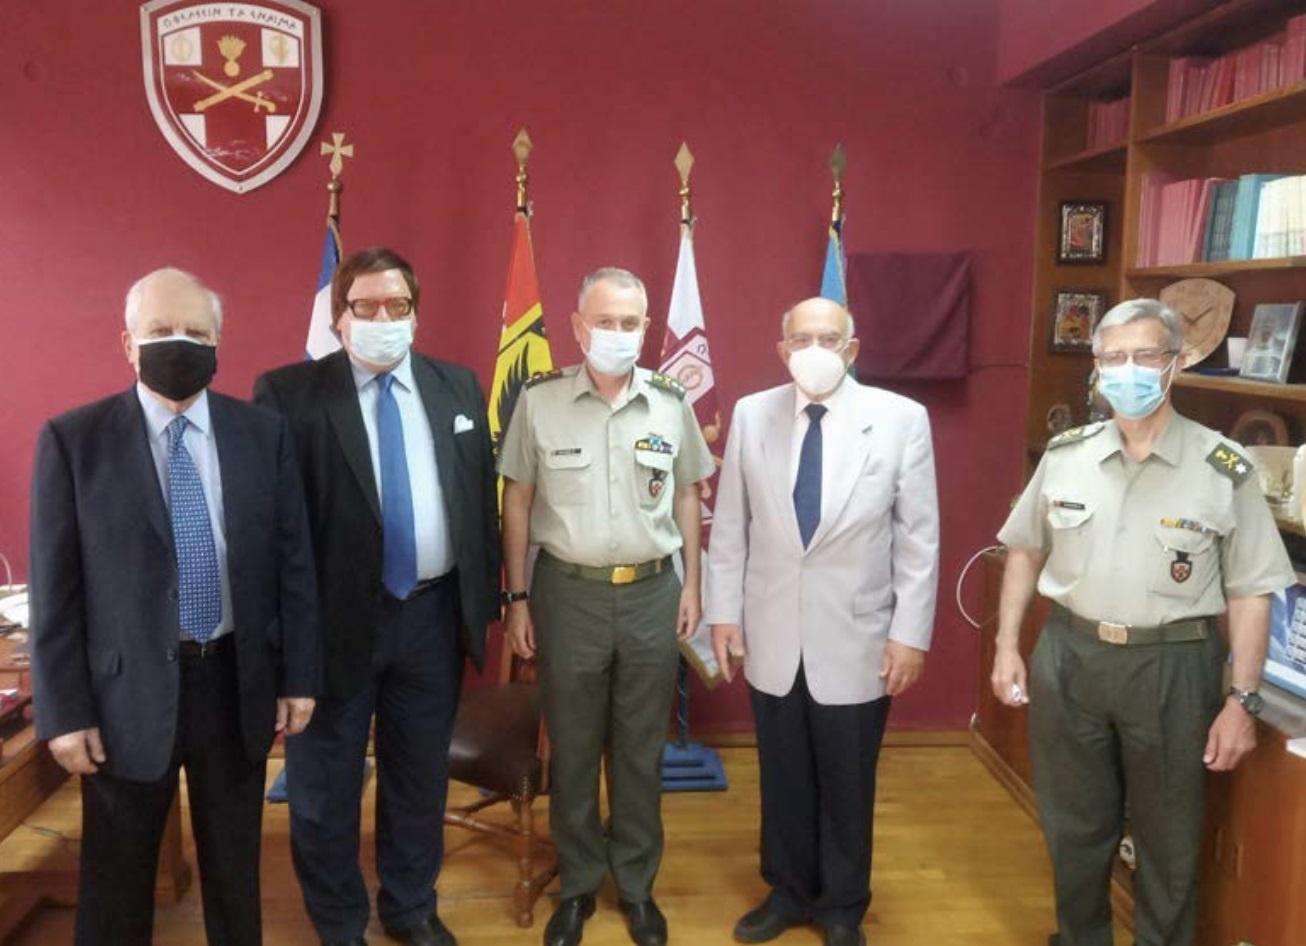 Σύνδεσμος Συνταξιούχων Διπλωματικών Υπαλλήλων: Δωρεά αναπνευστήρα στο 401 Στρατιωτικό Νοσοκομείο